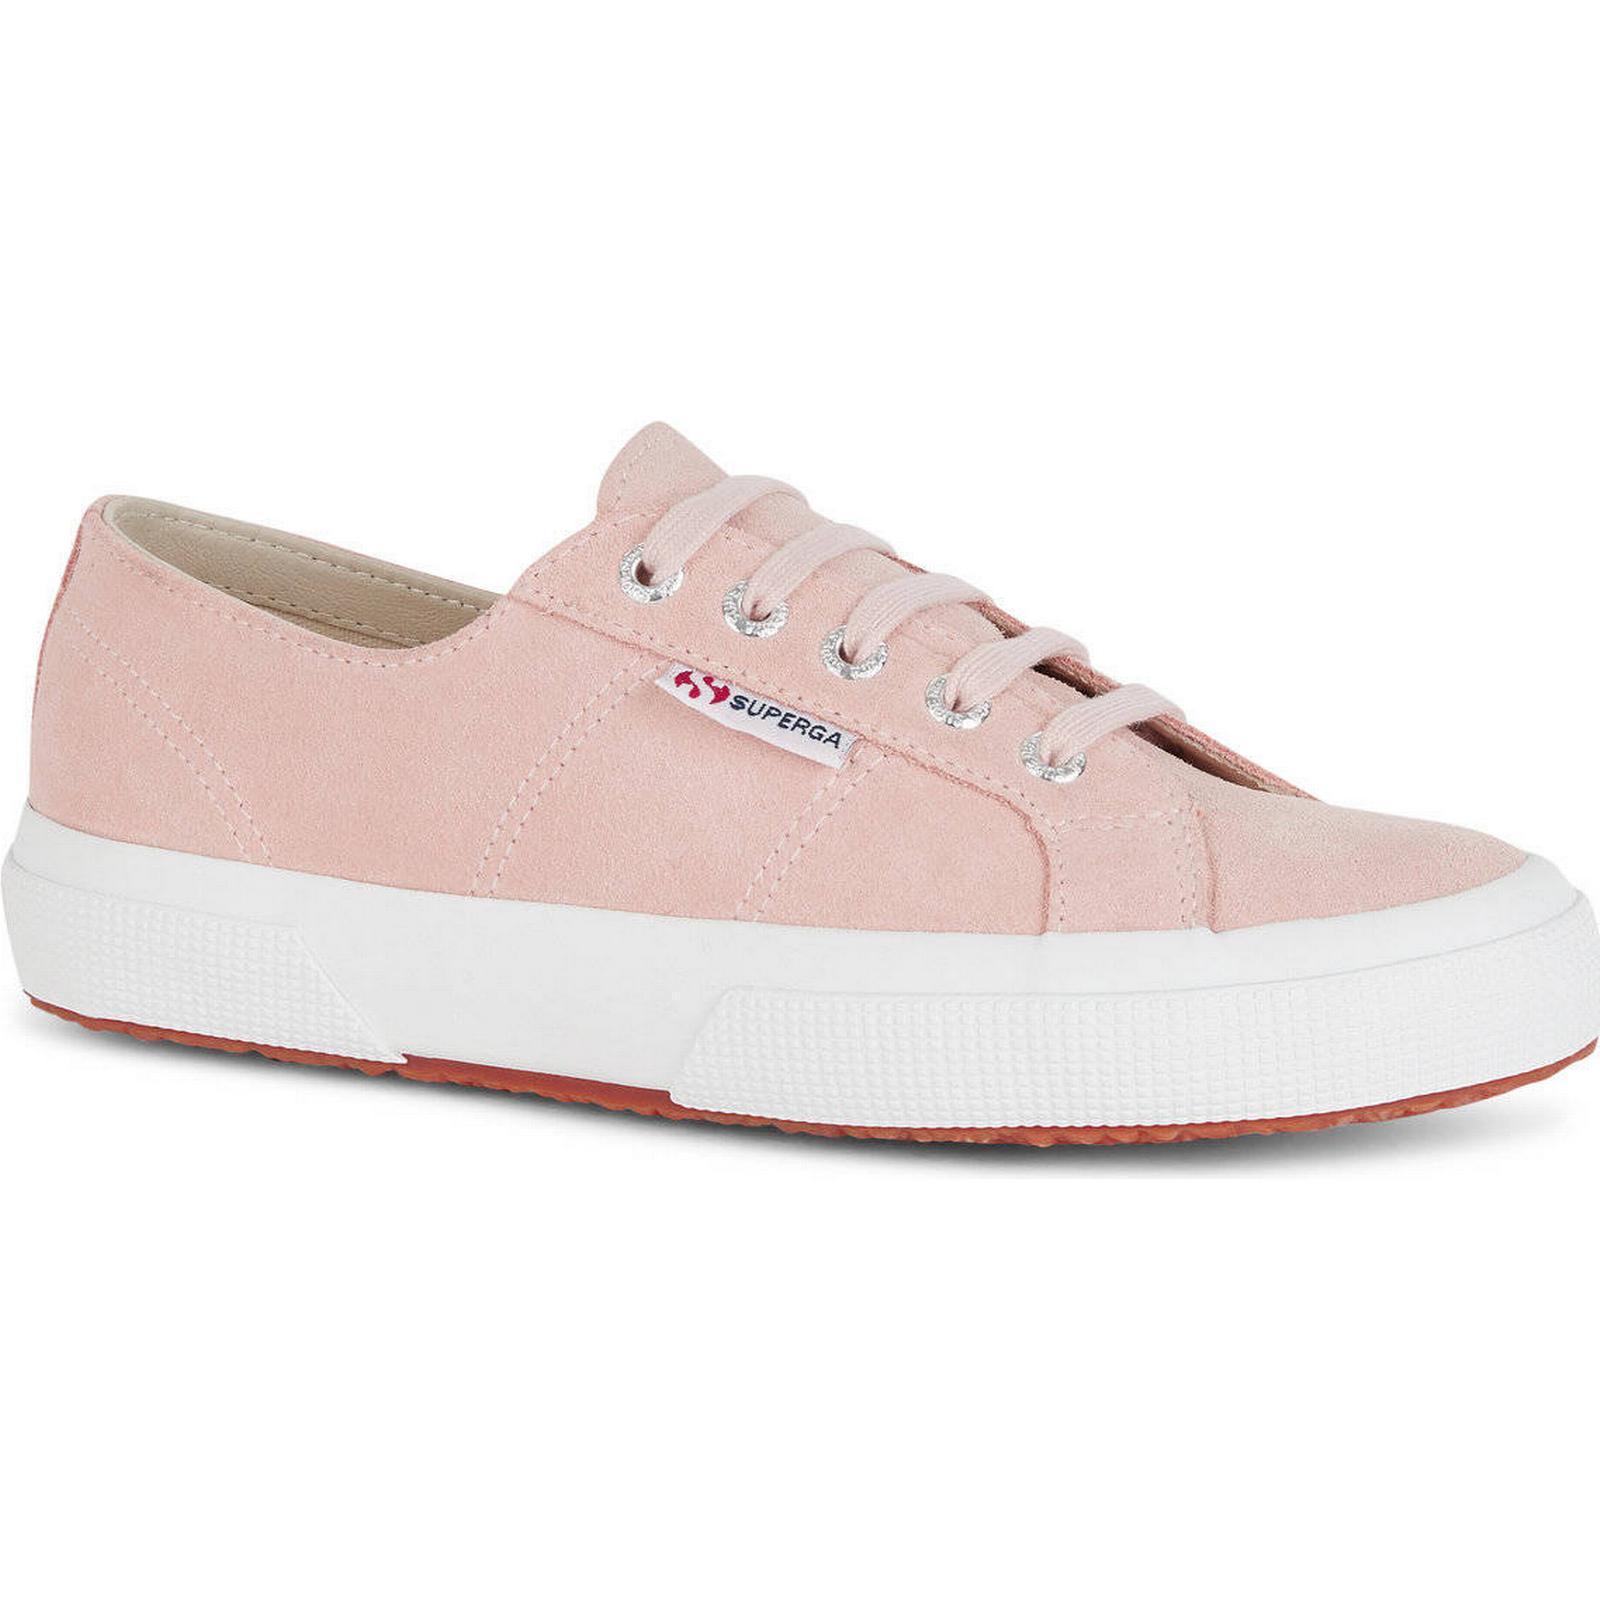 Superga 2750 SUEDE 38) 5 (EU 38) SUEDE Pink Skin 6a0299